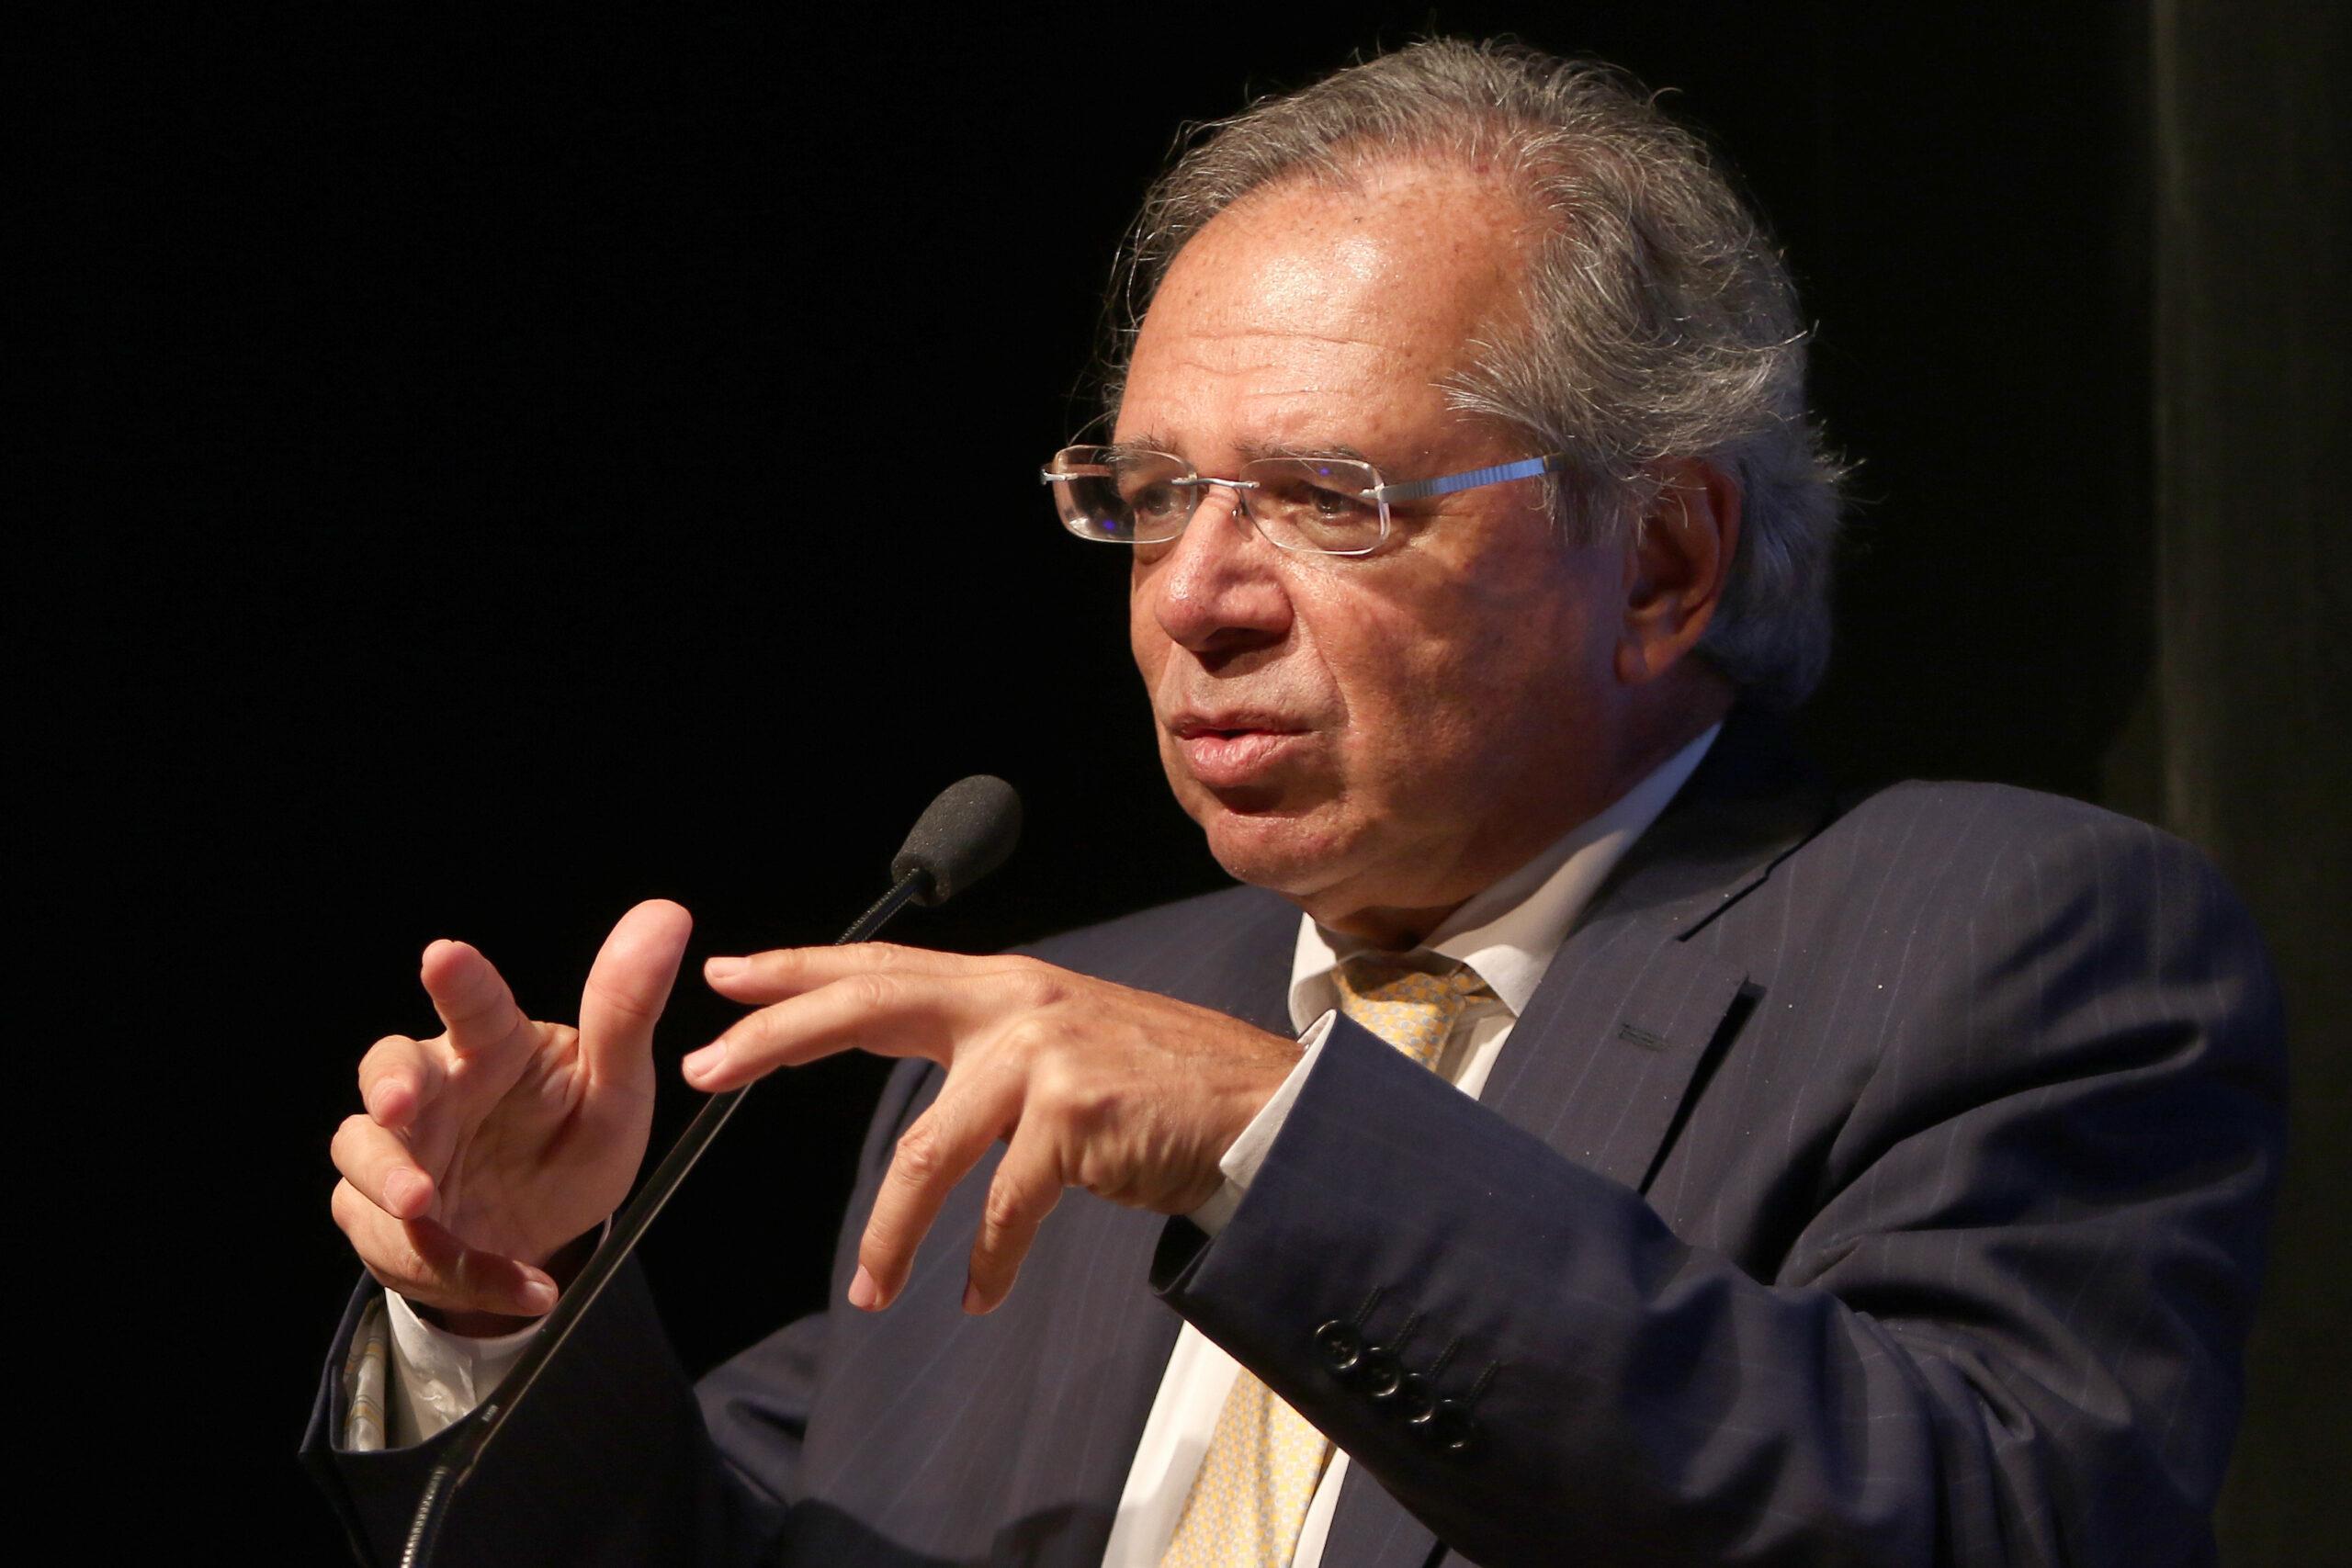 O ministro da Economia, Paulo Guedes, anunciou que não haverá prorrogação do auxílio emergencial em 2021. Foto: Wilson Dias/Agência Brasil